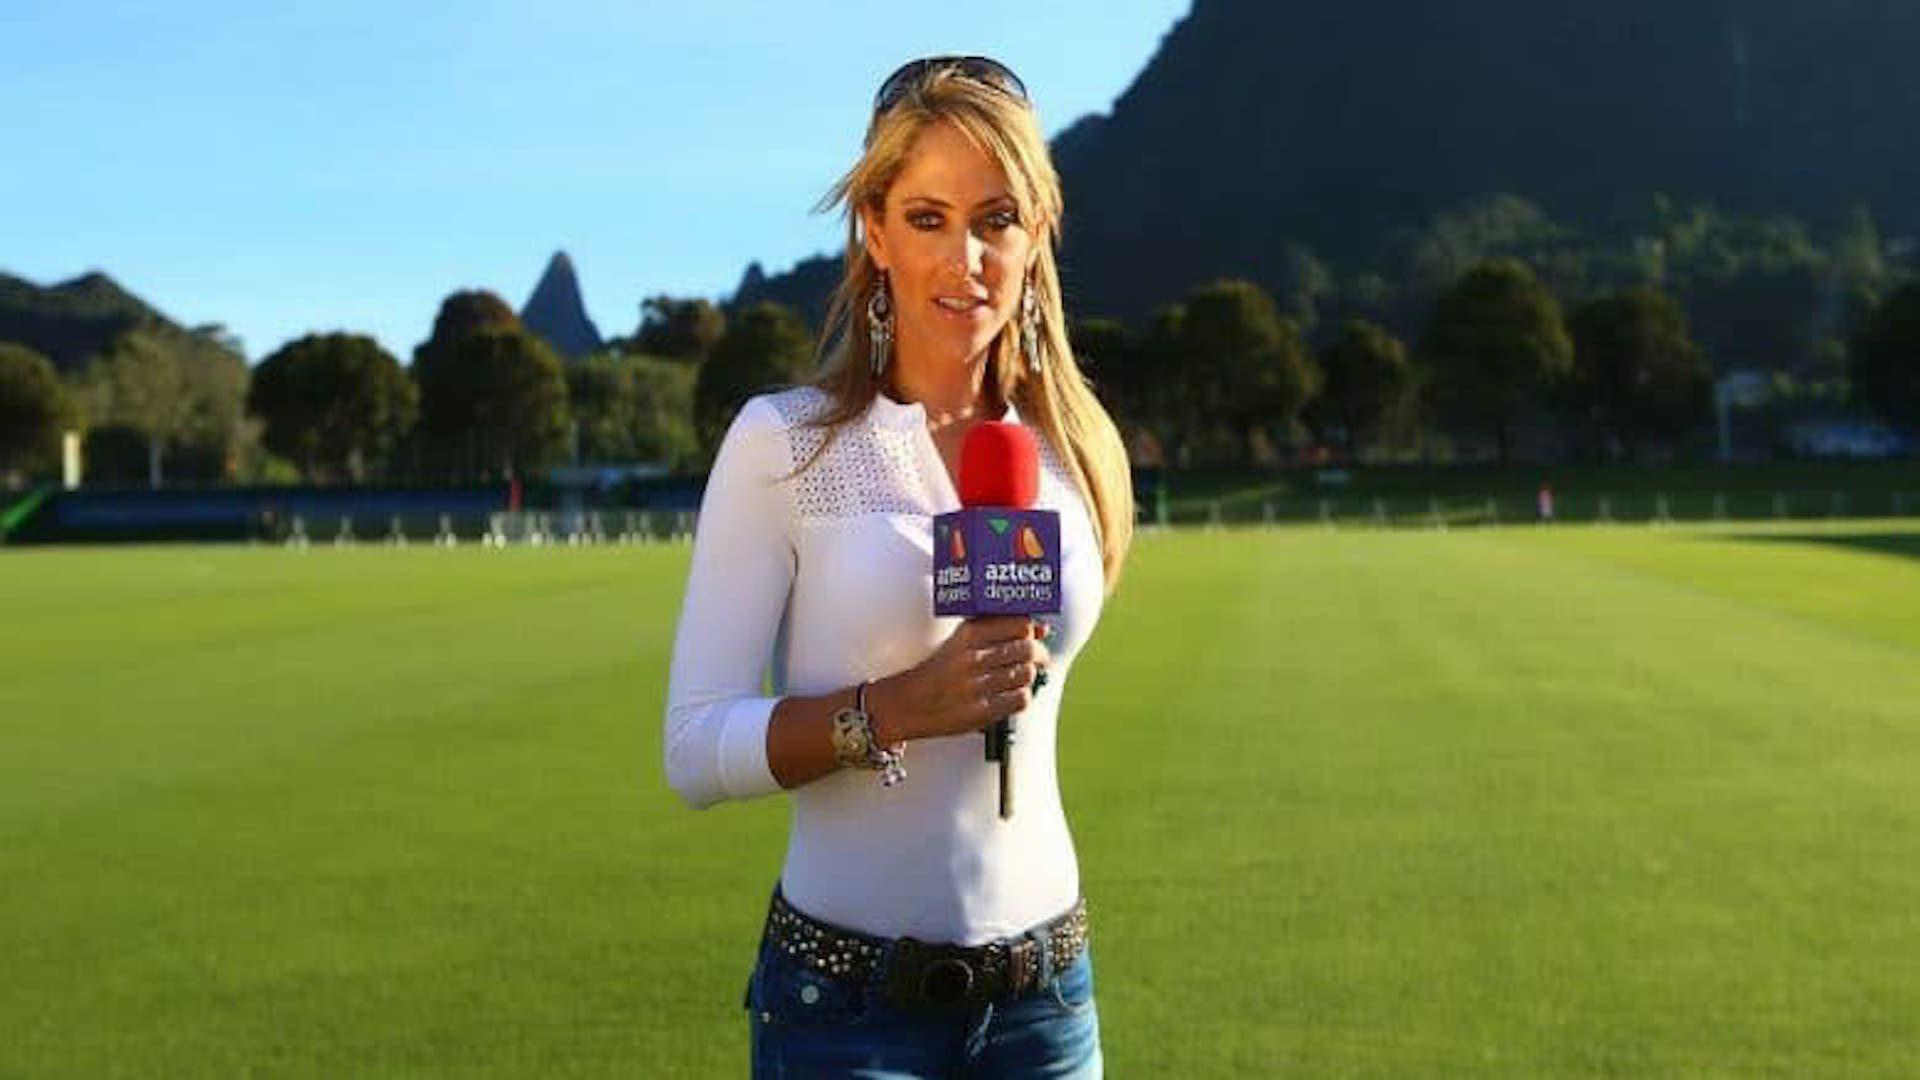 Inès Sainz, la journaliste qui met le Brésil en émoi